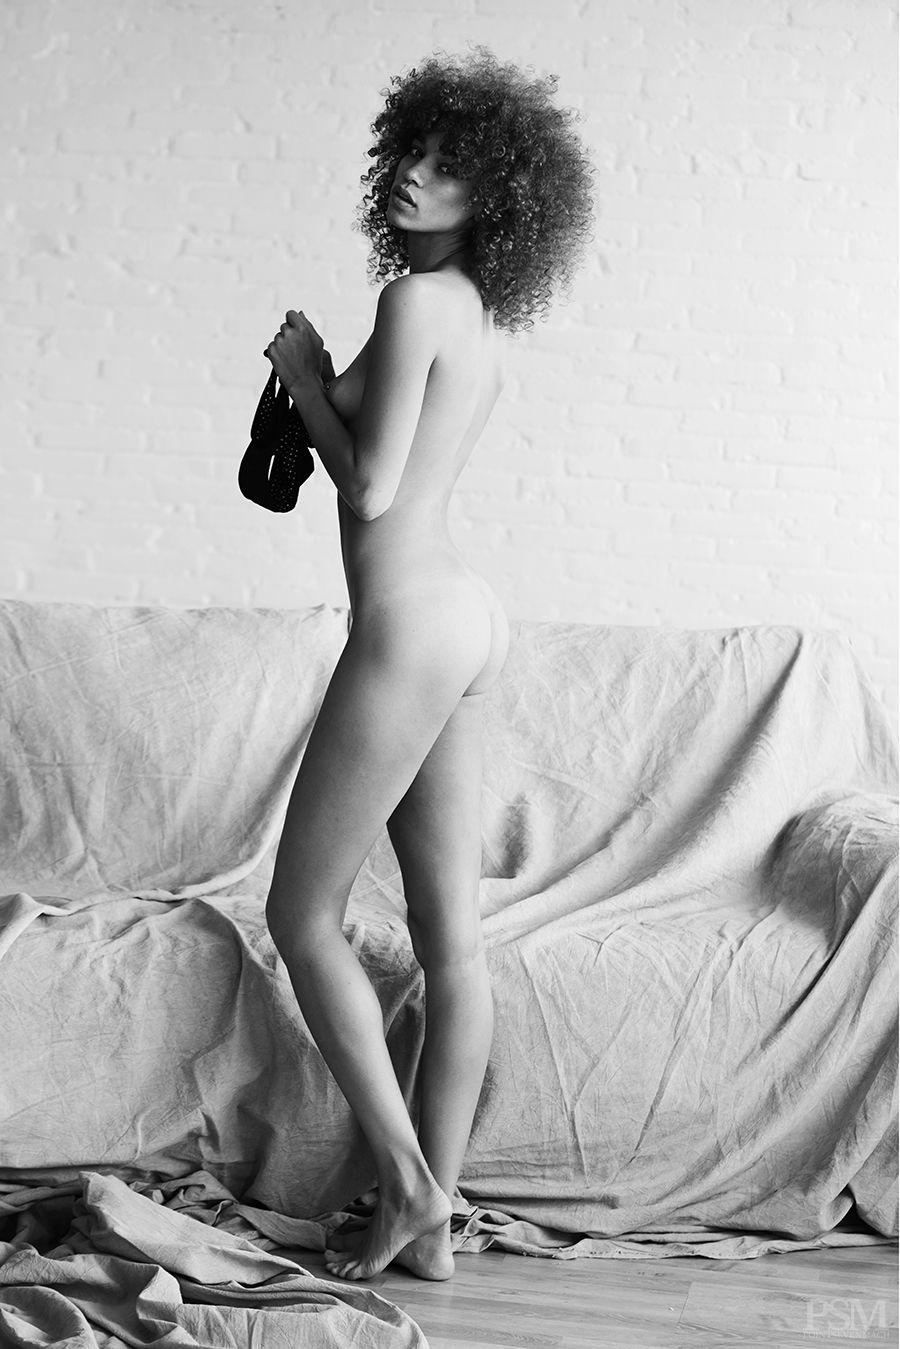 Terri-lee Blake Nude Phot...